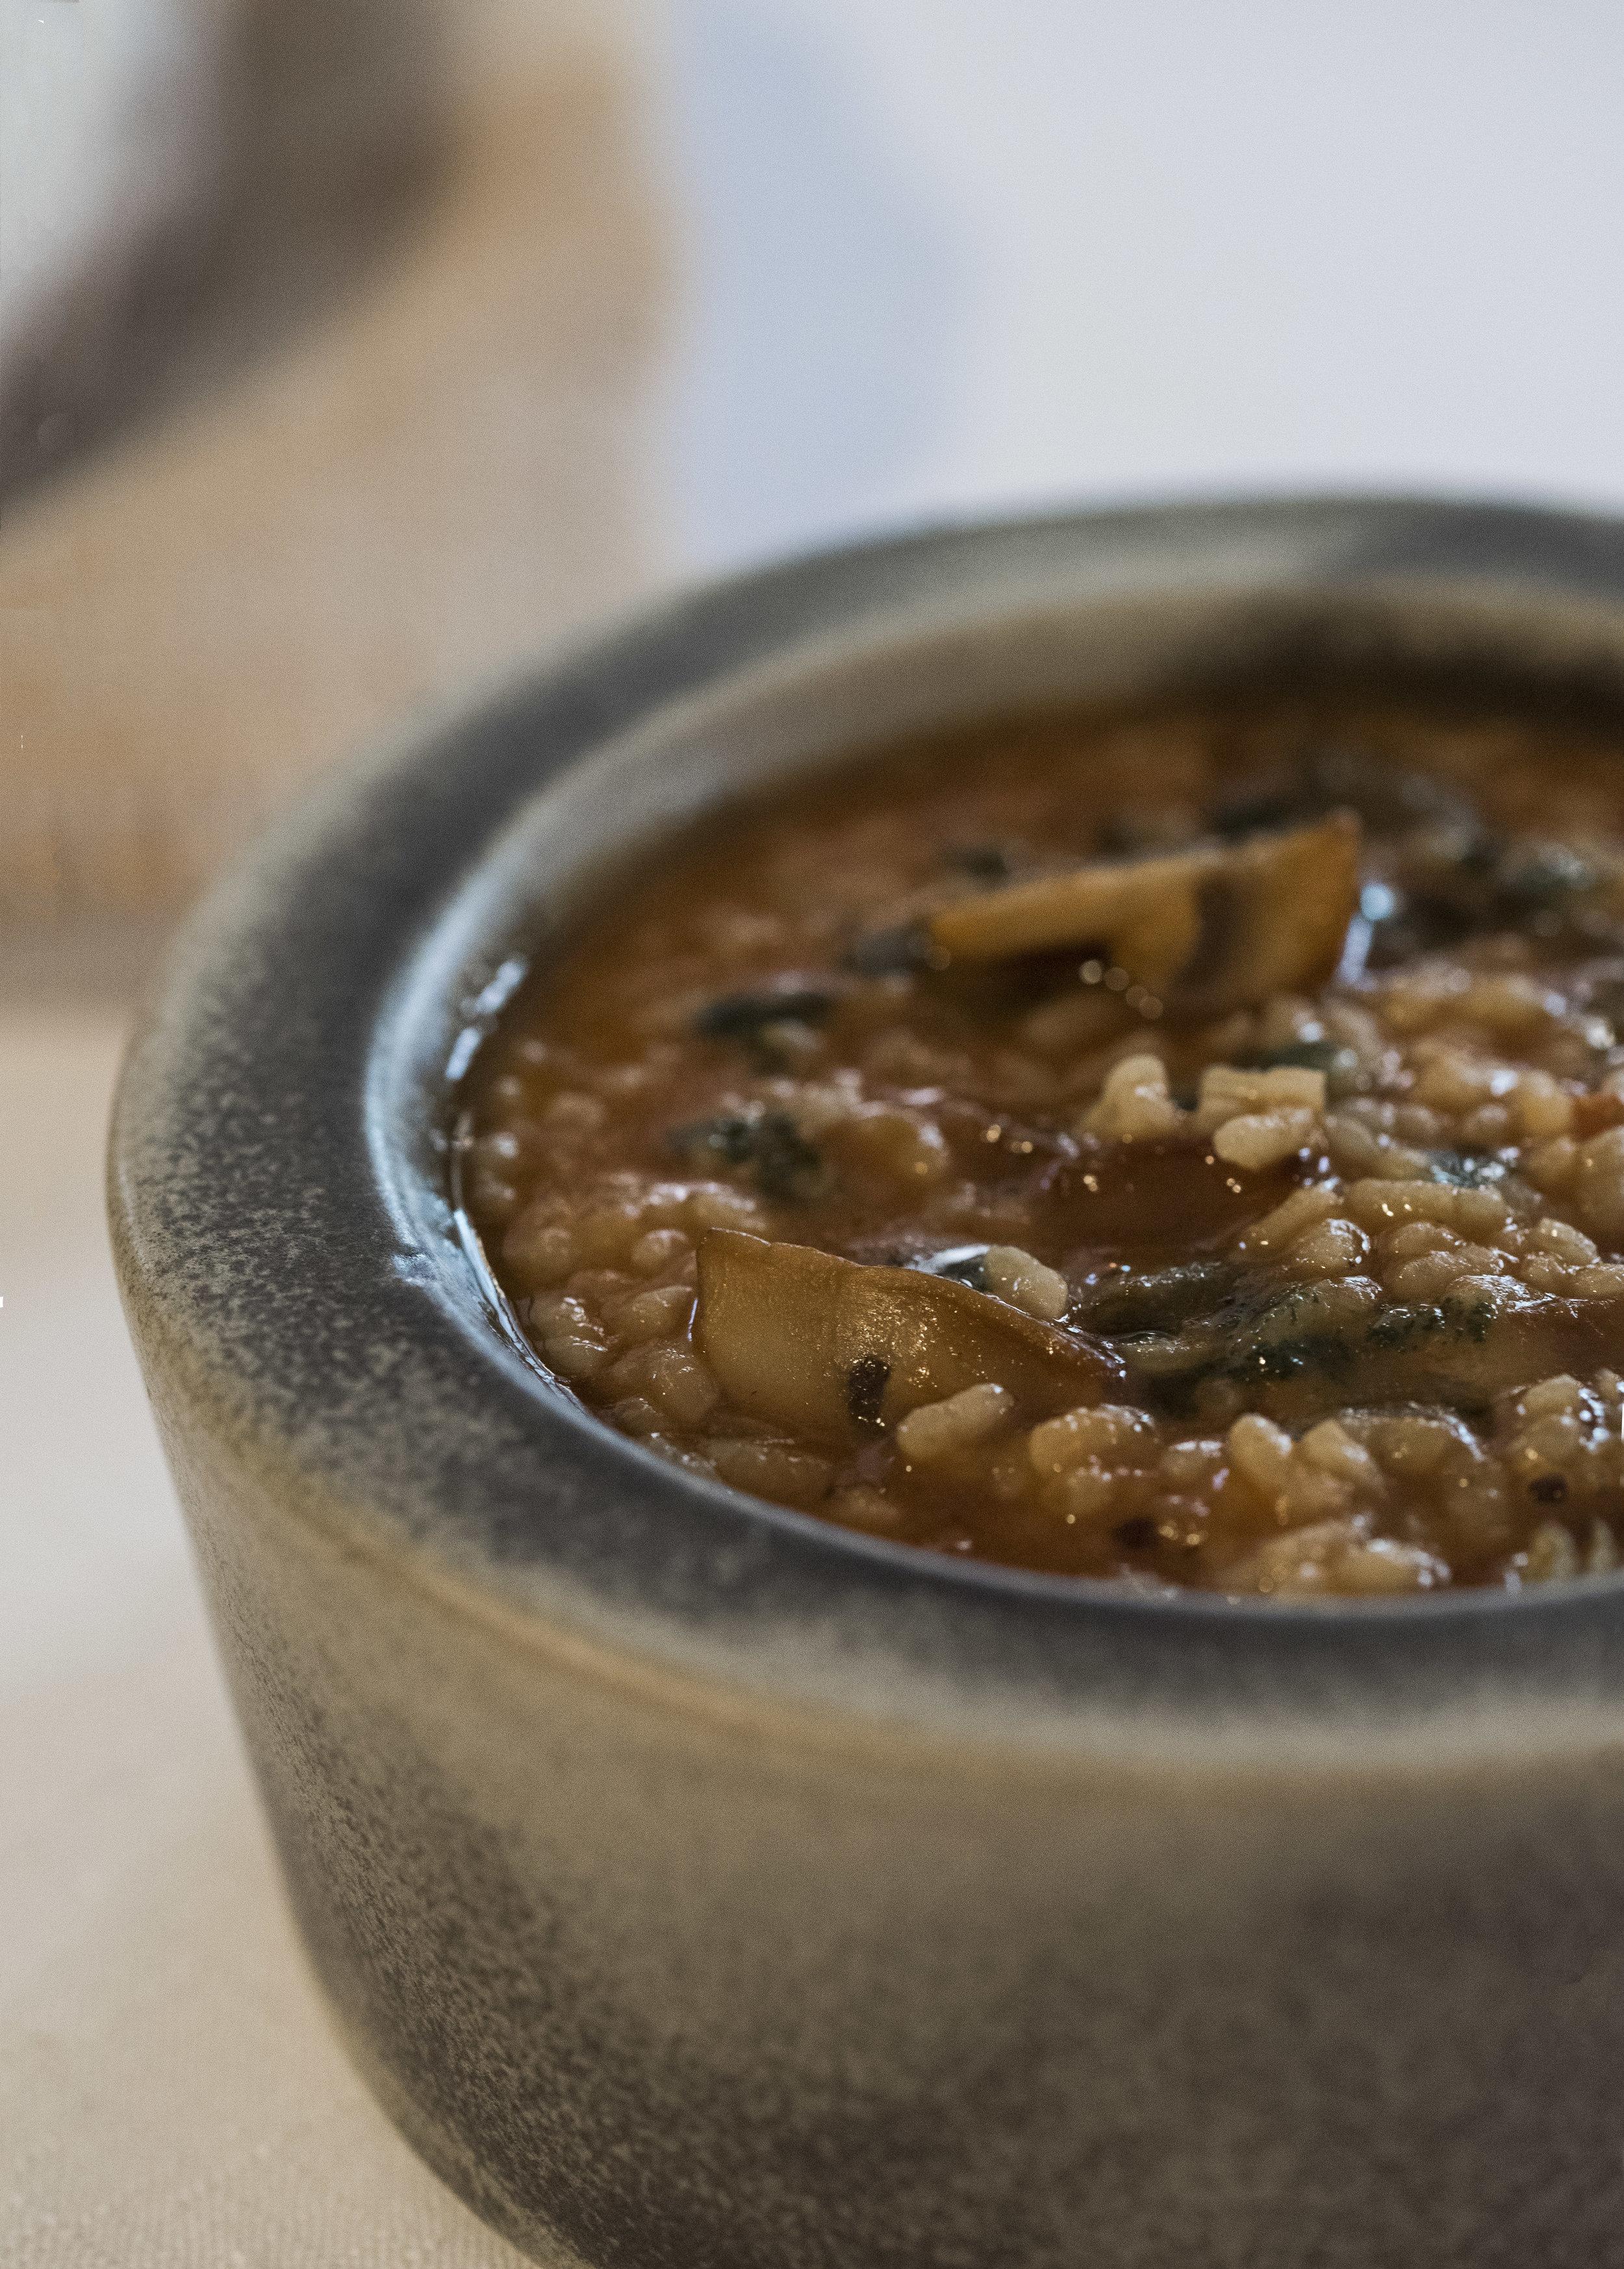 Arroz meloso de champiñones y judías verdes, Sao Barcelona  Photo © Barcelona Food Experience